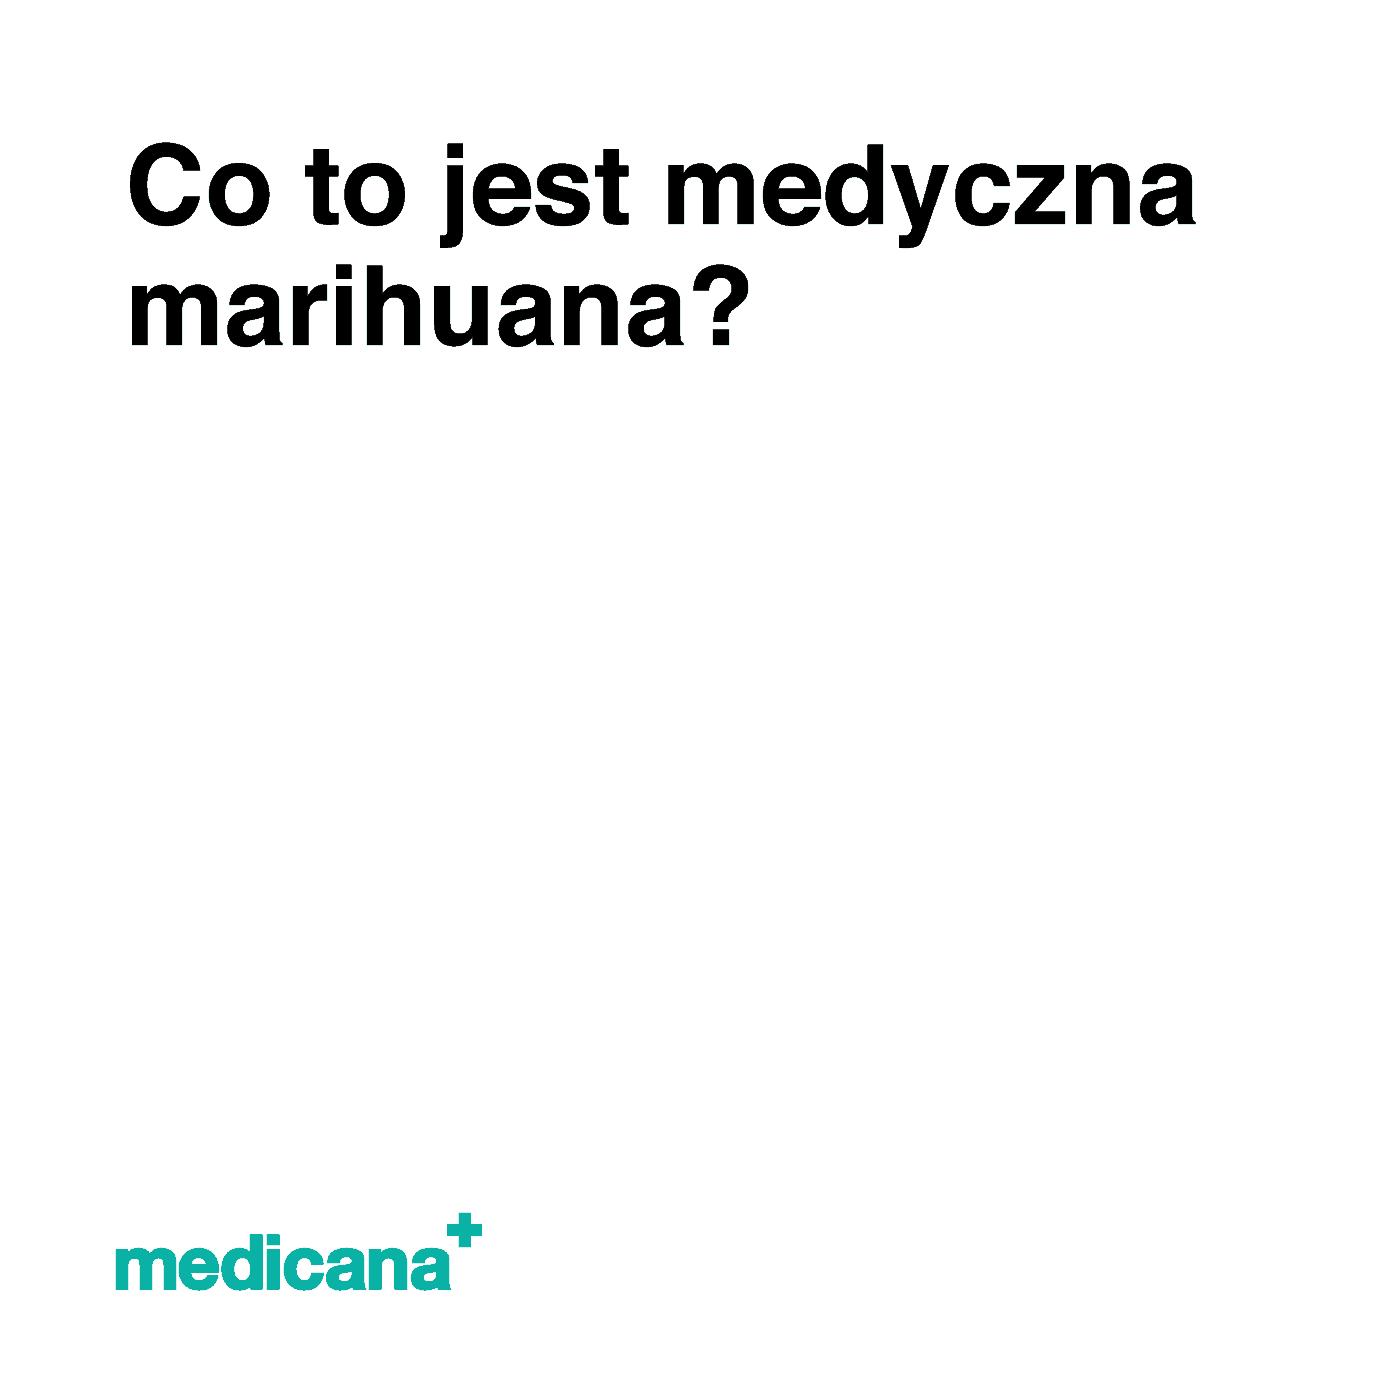 Grafika, białe tło z czarnym napisem Co to jest medyczna marihuana? oraz zielonym logo Medicana w lewym dolnym rogu.